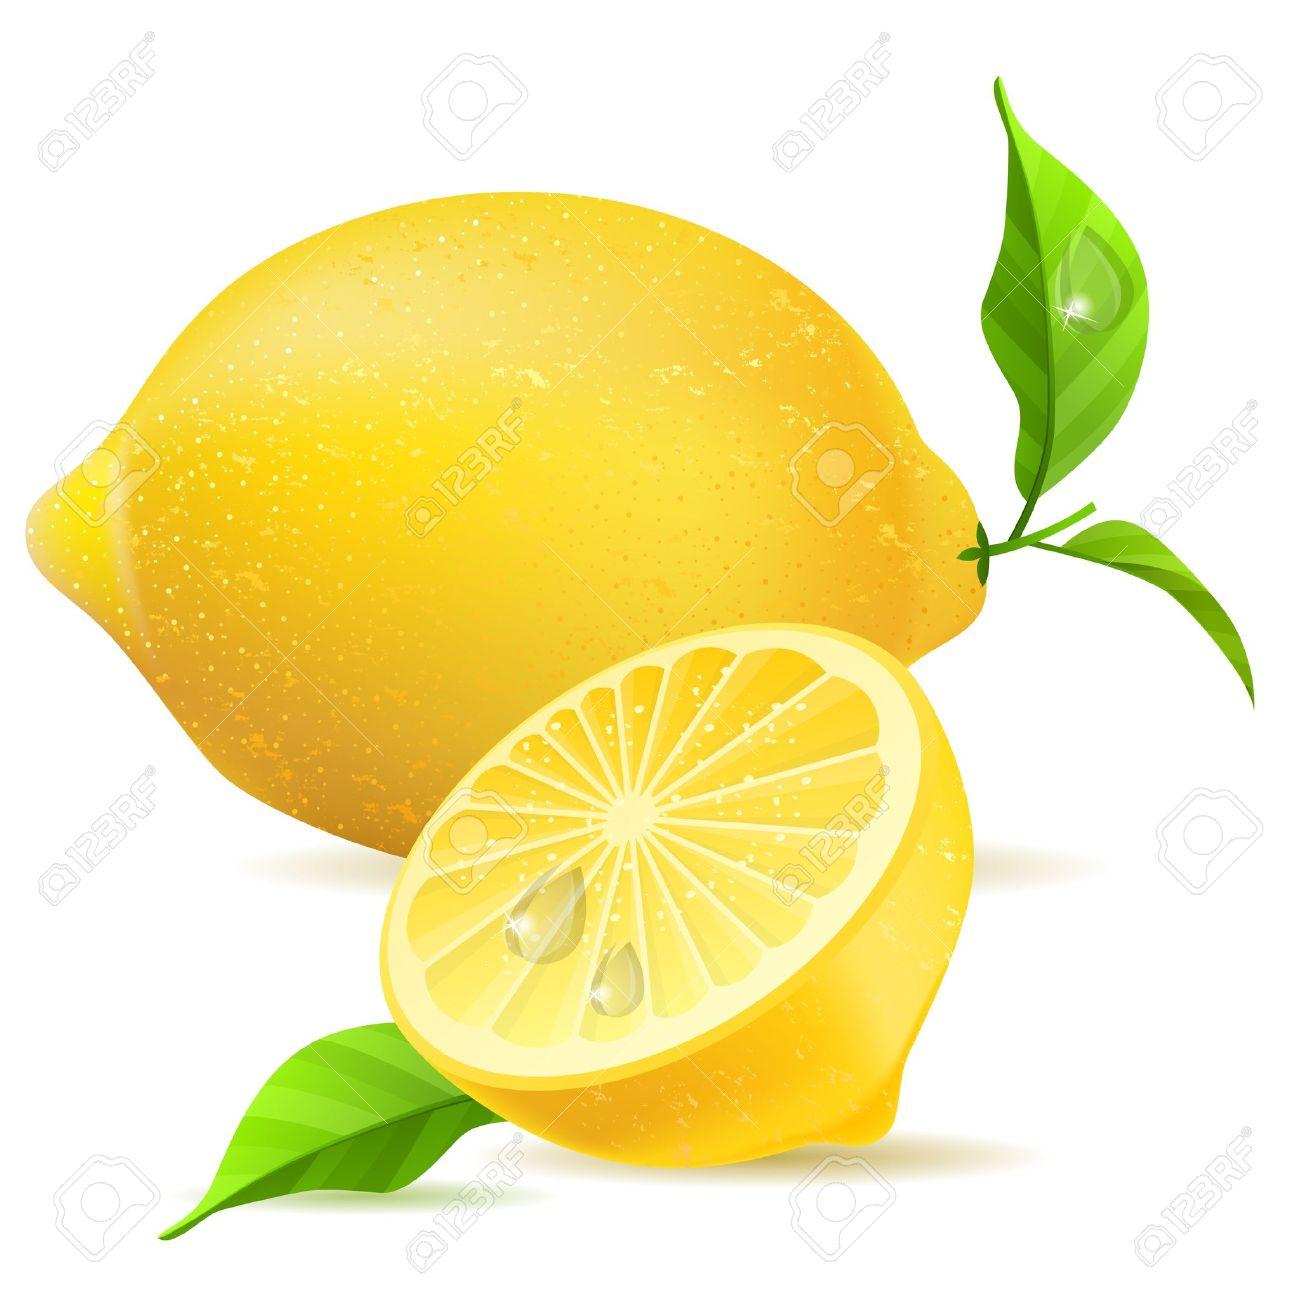 Lemon clip art free. Lemons clipart limon